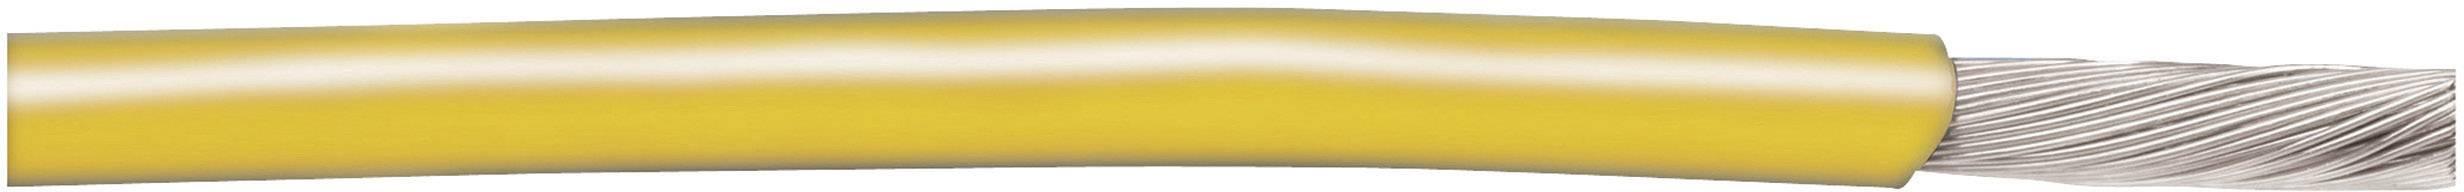 Opletenie / lanko AlphaWire 3075 GY001 1 x 0.82 mm², vonkajší Ø 2.81 mm, metrový tovar, zelenožltá